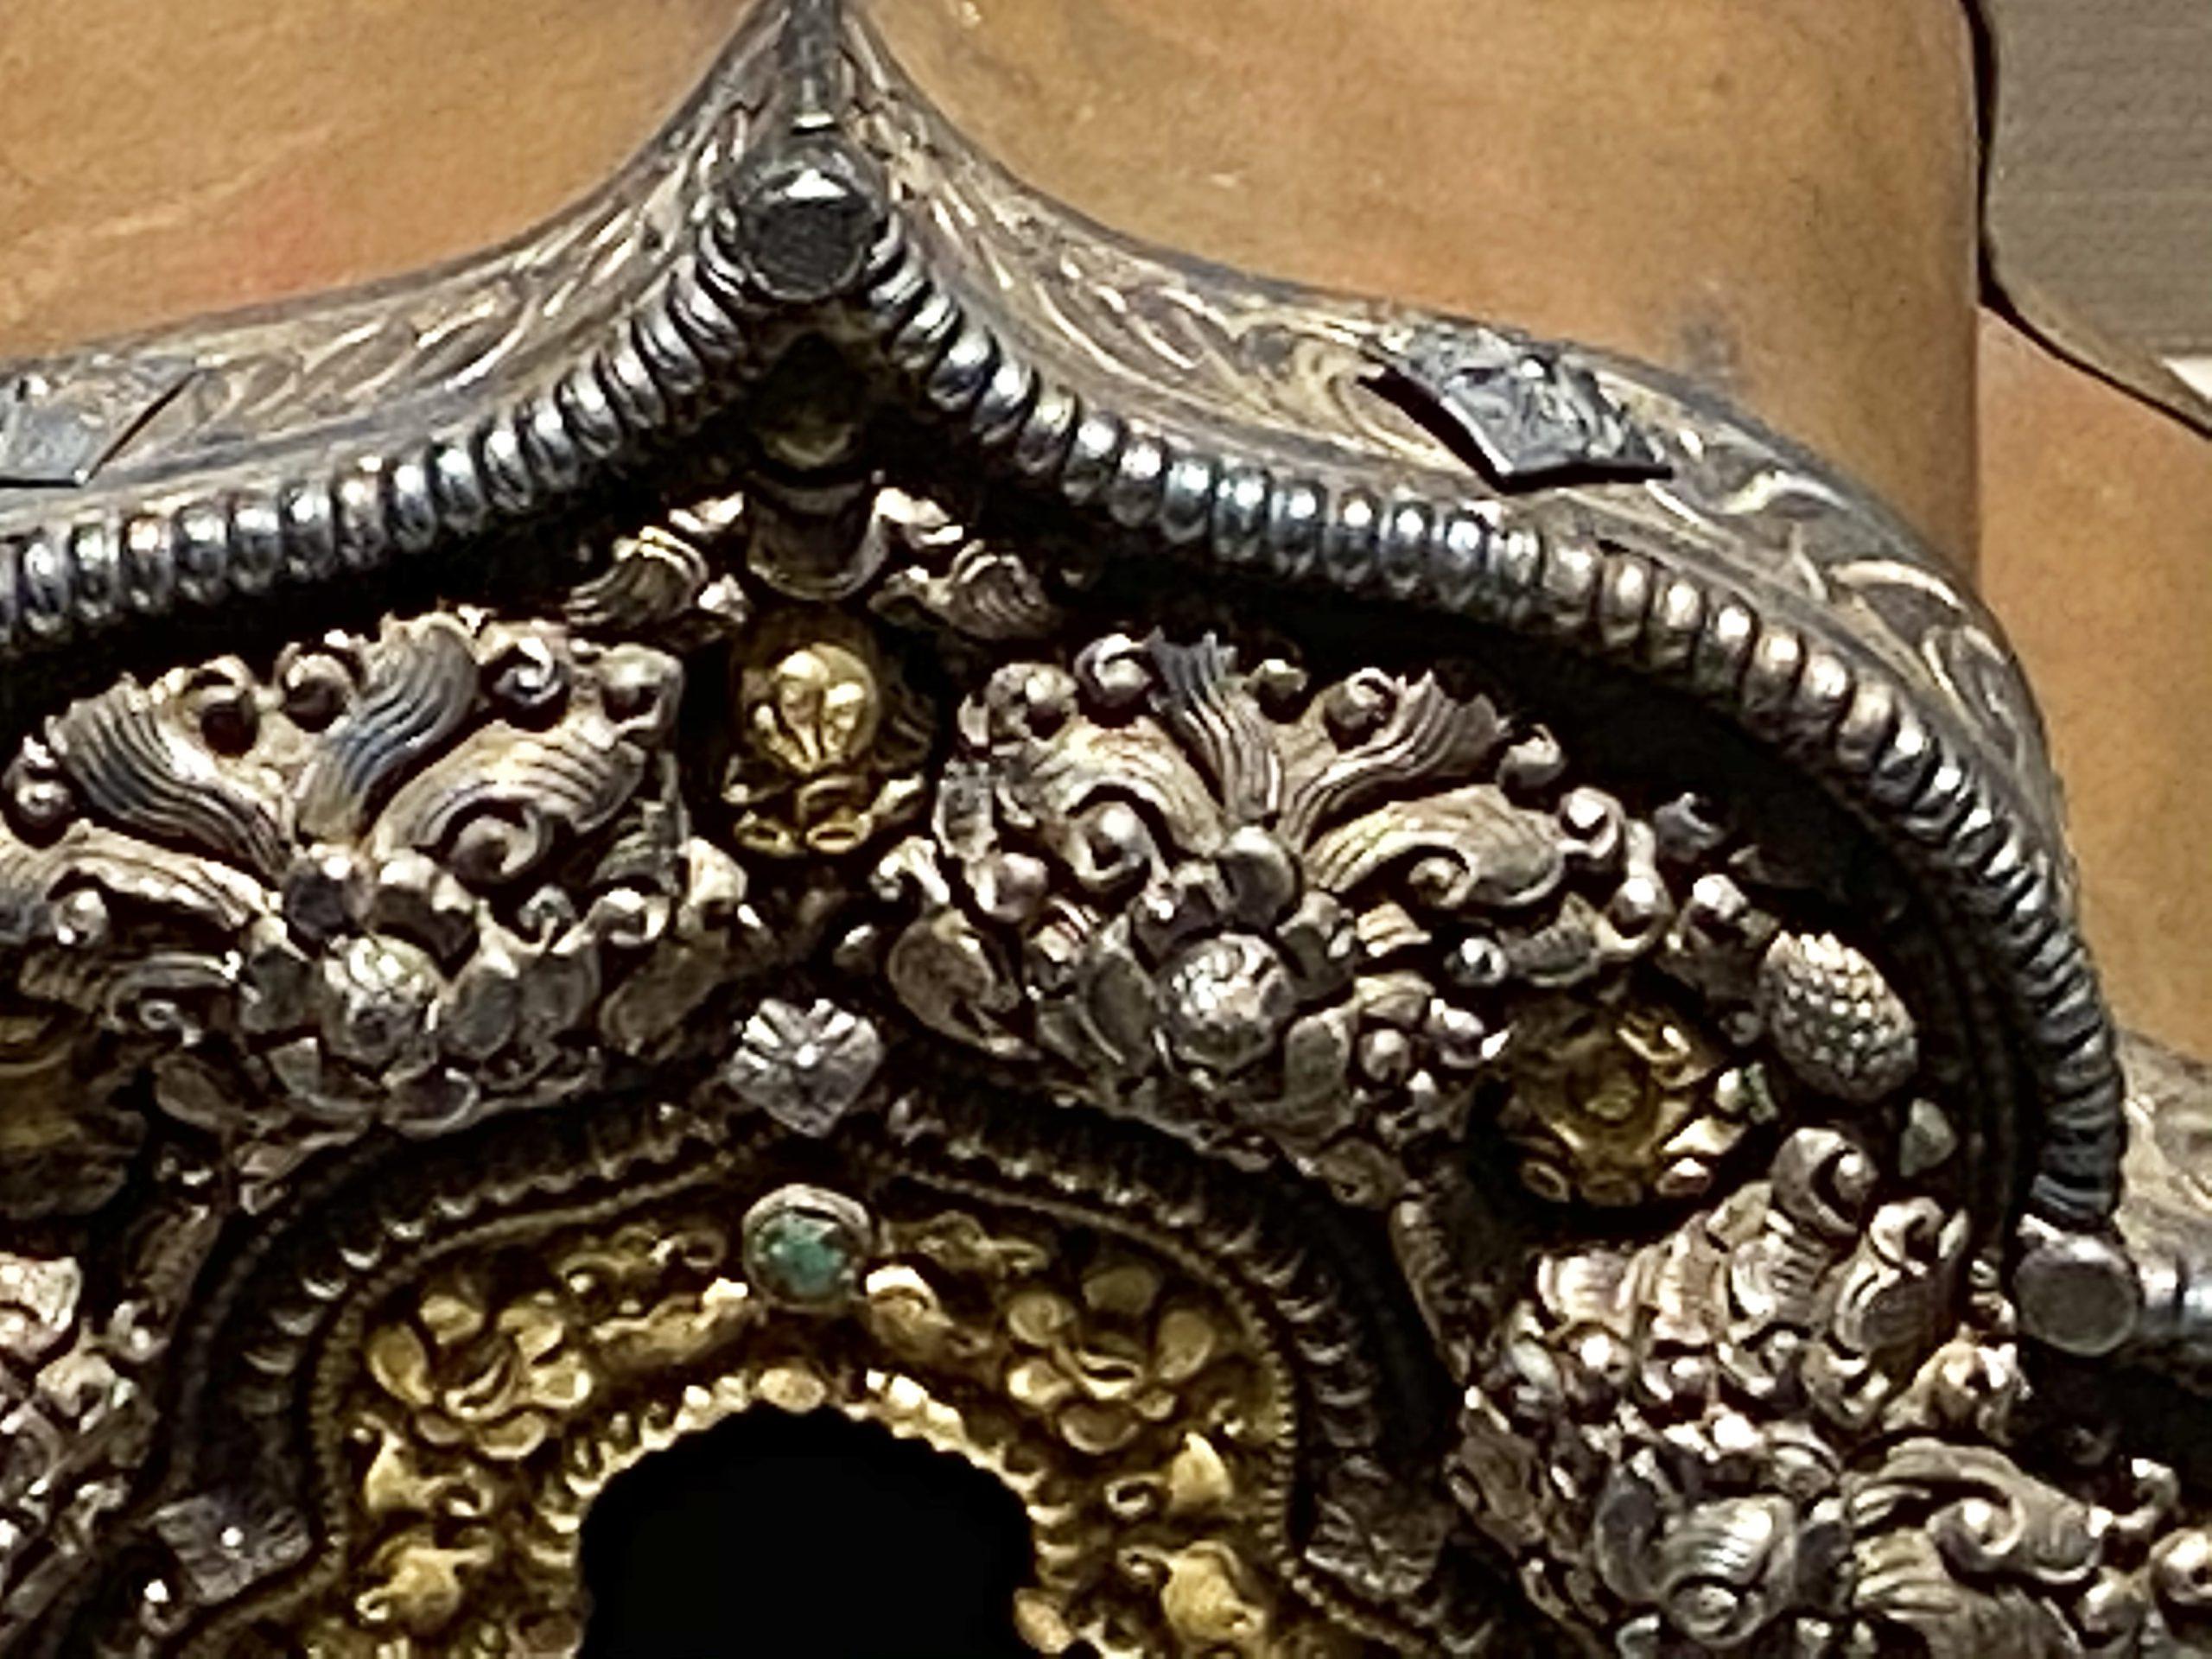 銀絲盤花嵌珠呷嗚盒-近代-巡回特別展【天歌長歌-唐蕃古道】-四川博物館